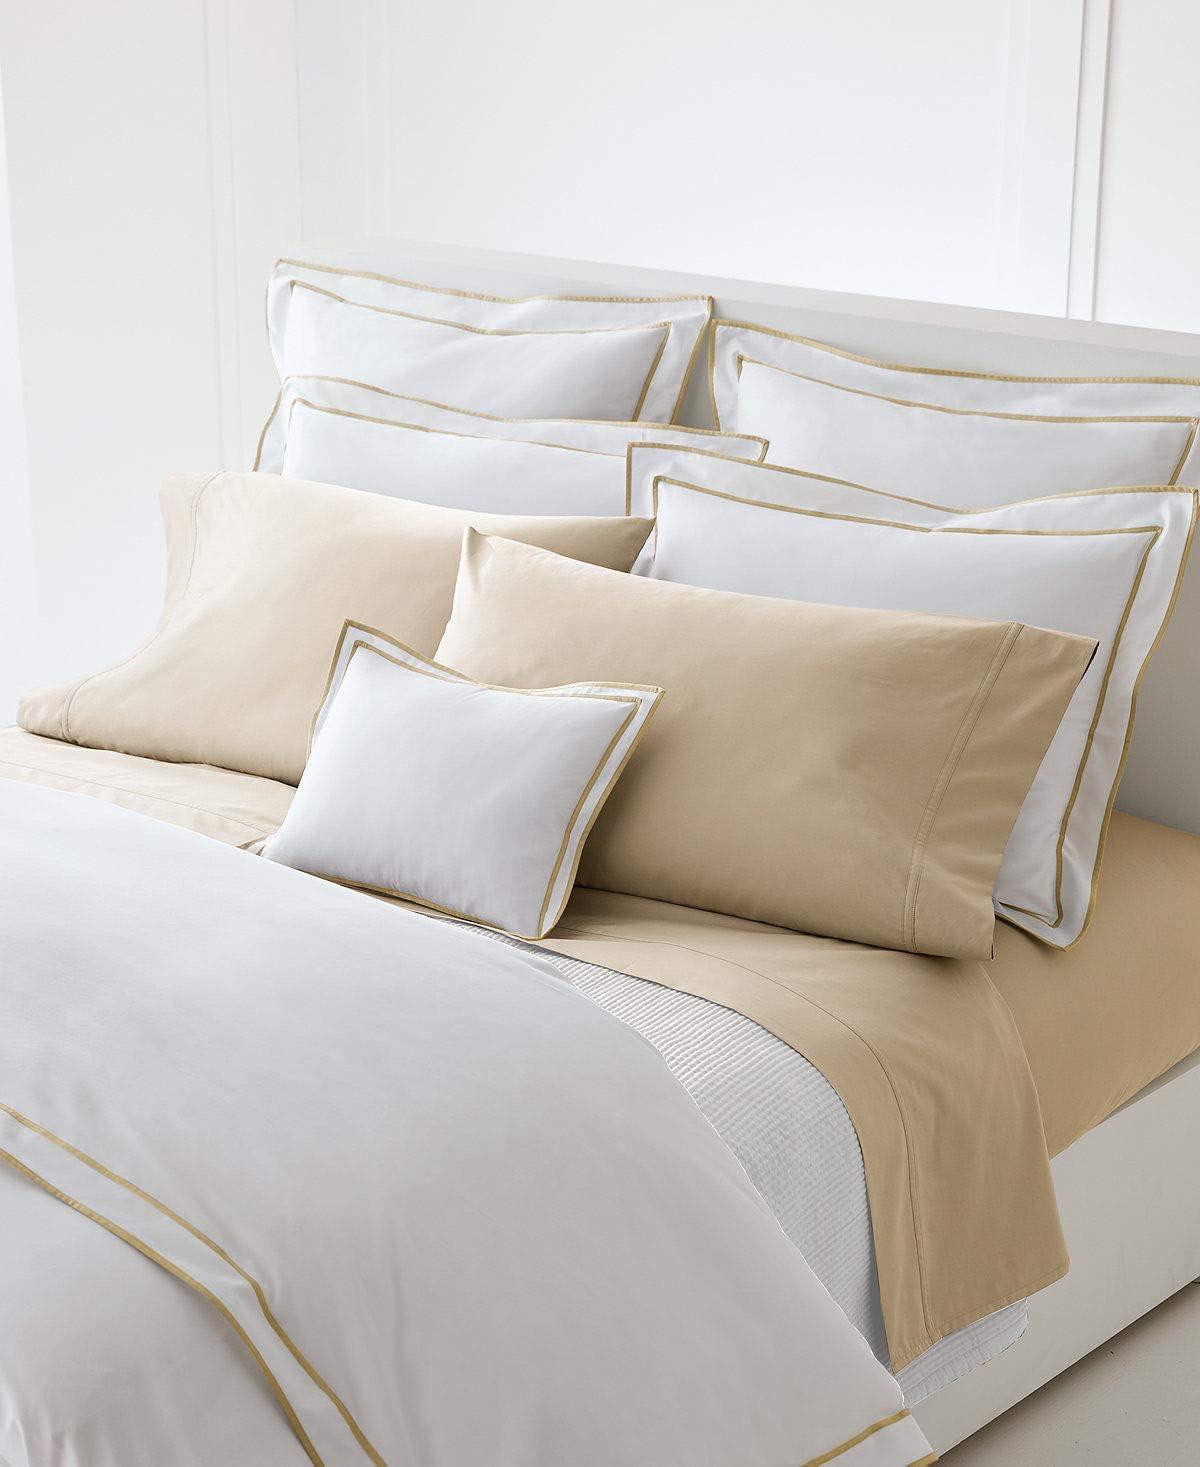 Ralph Lauren King Duvet Cover Spencer Border Sateen White/Wheat 100% Cotton